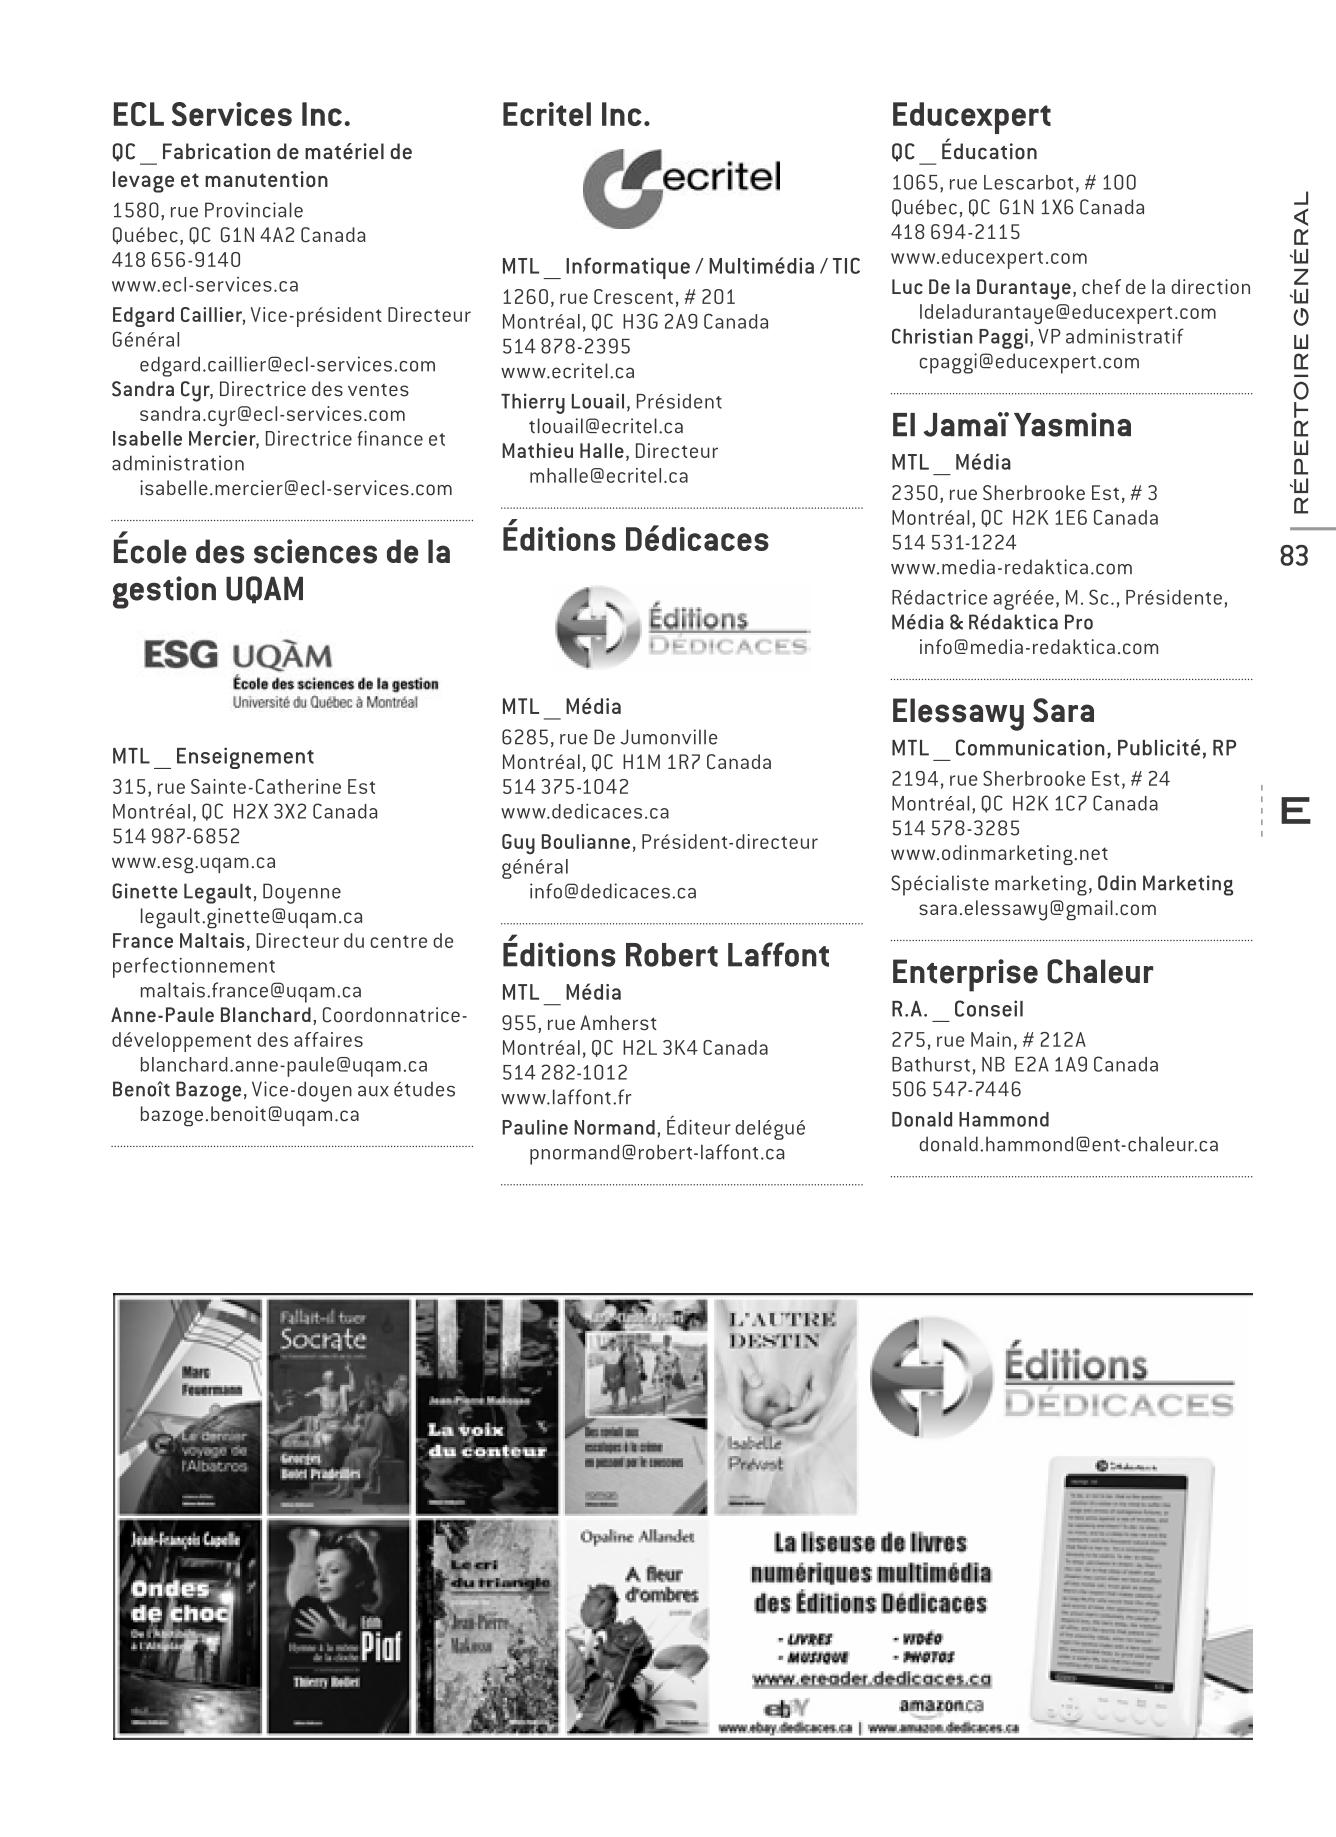 Publicit des ditions d dicaces dans l annuaire des for Chambre de commerce au canada